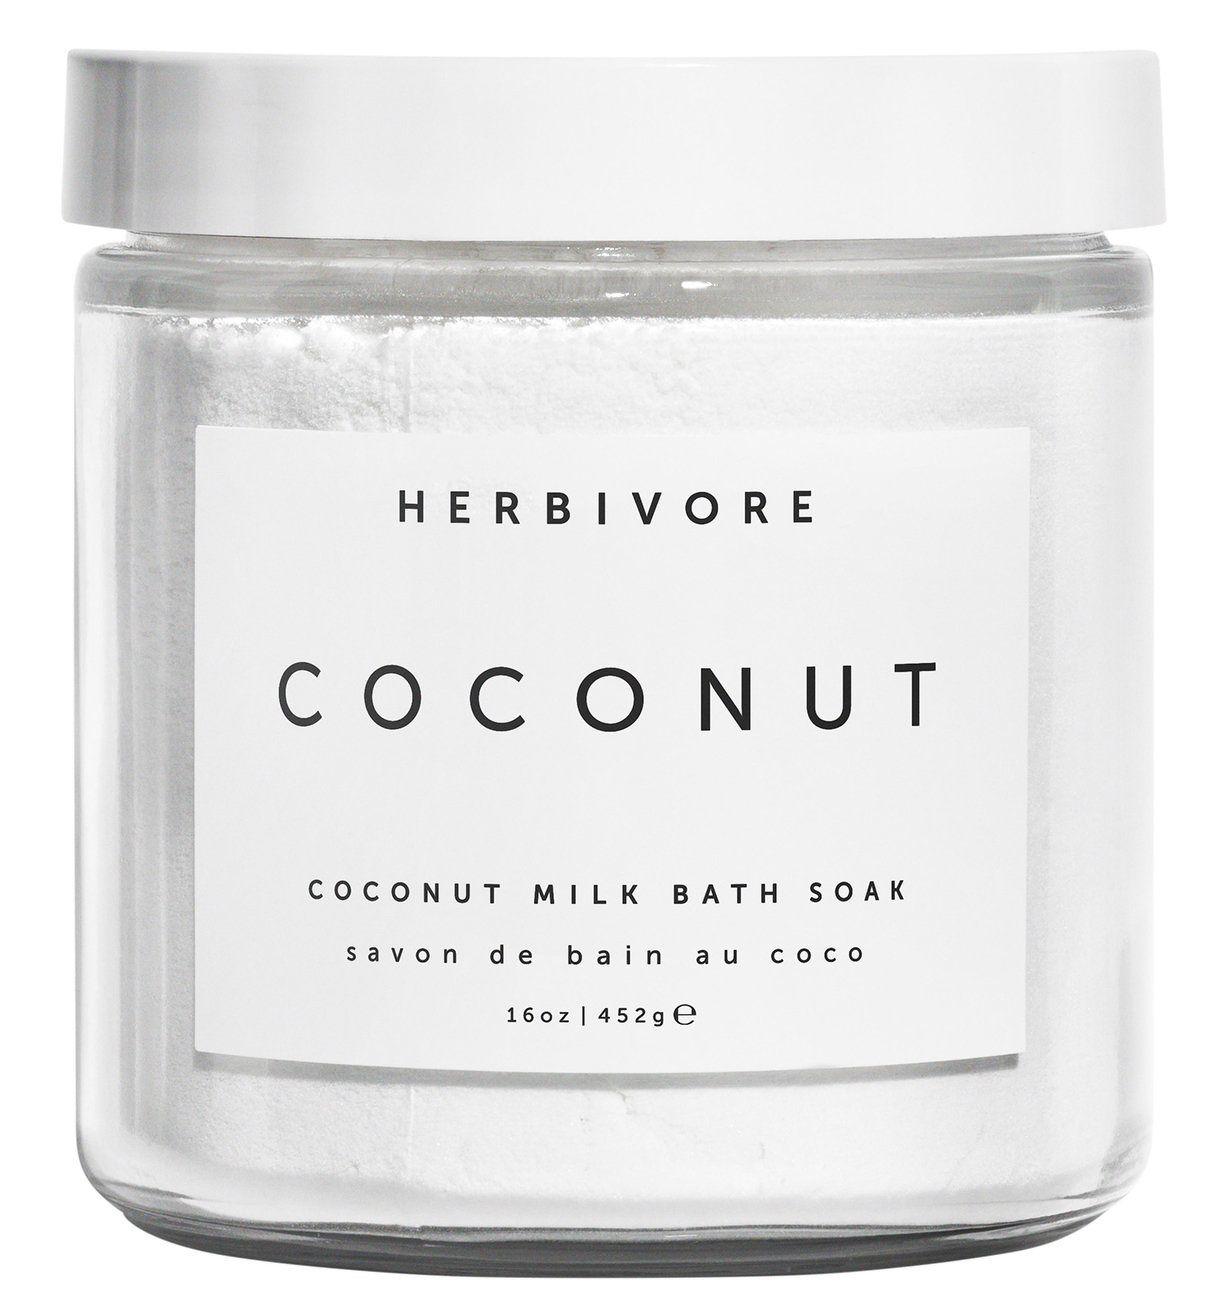 Herbivore Botanicals Coconut Milk Bath Soak - THE EDGE SINGAPORE